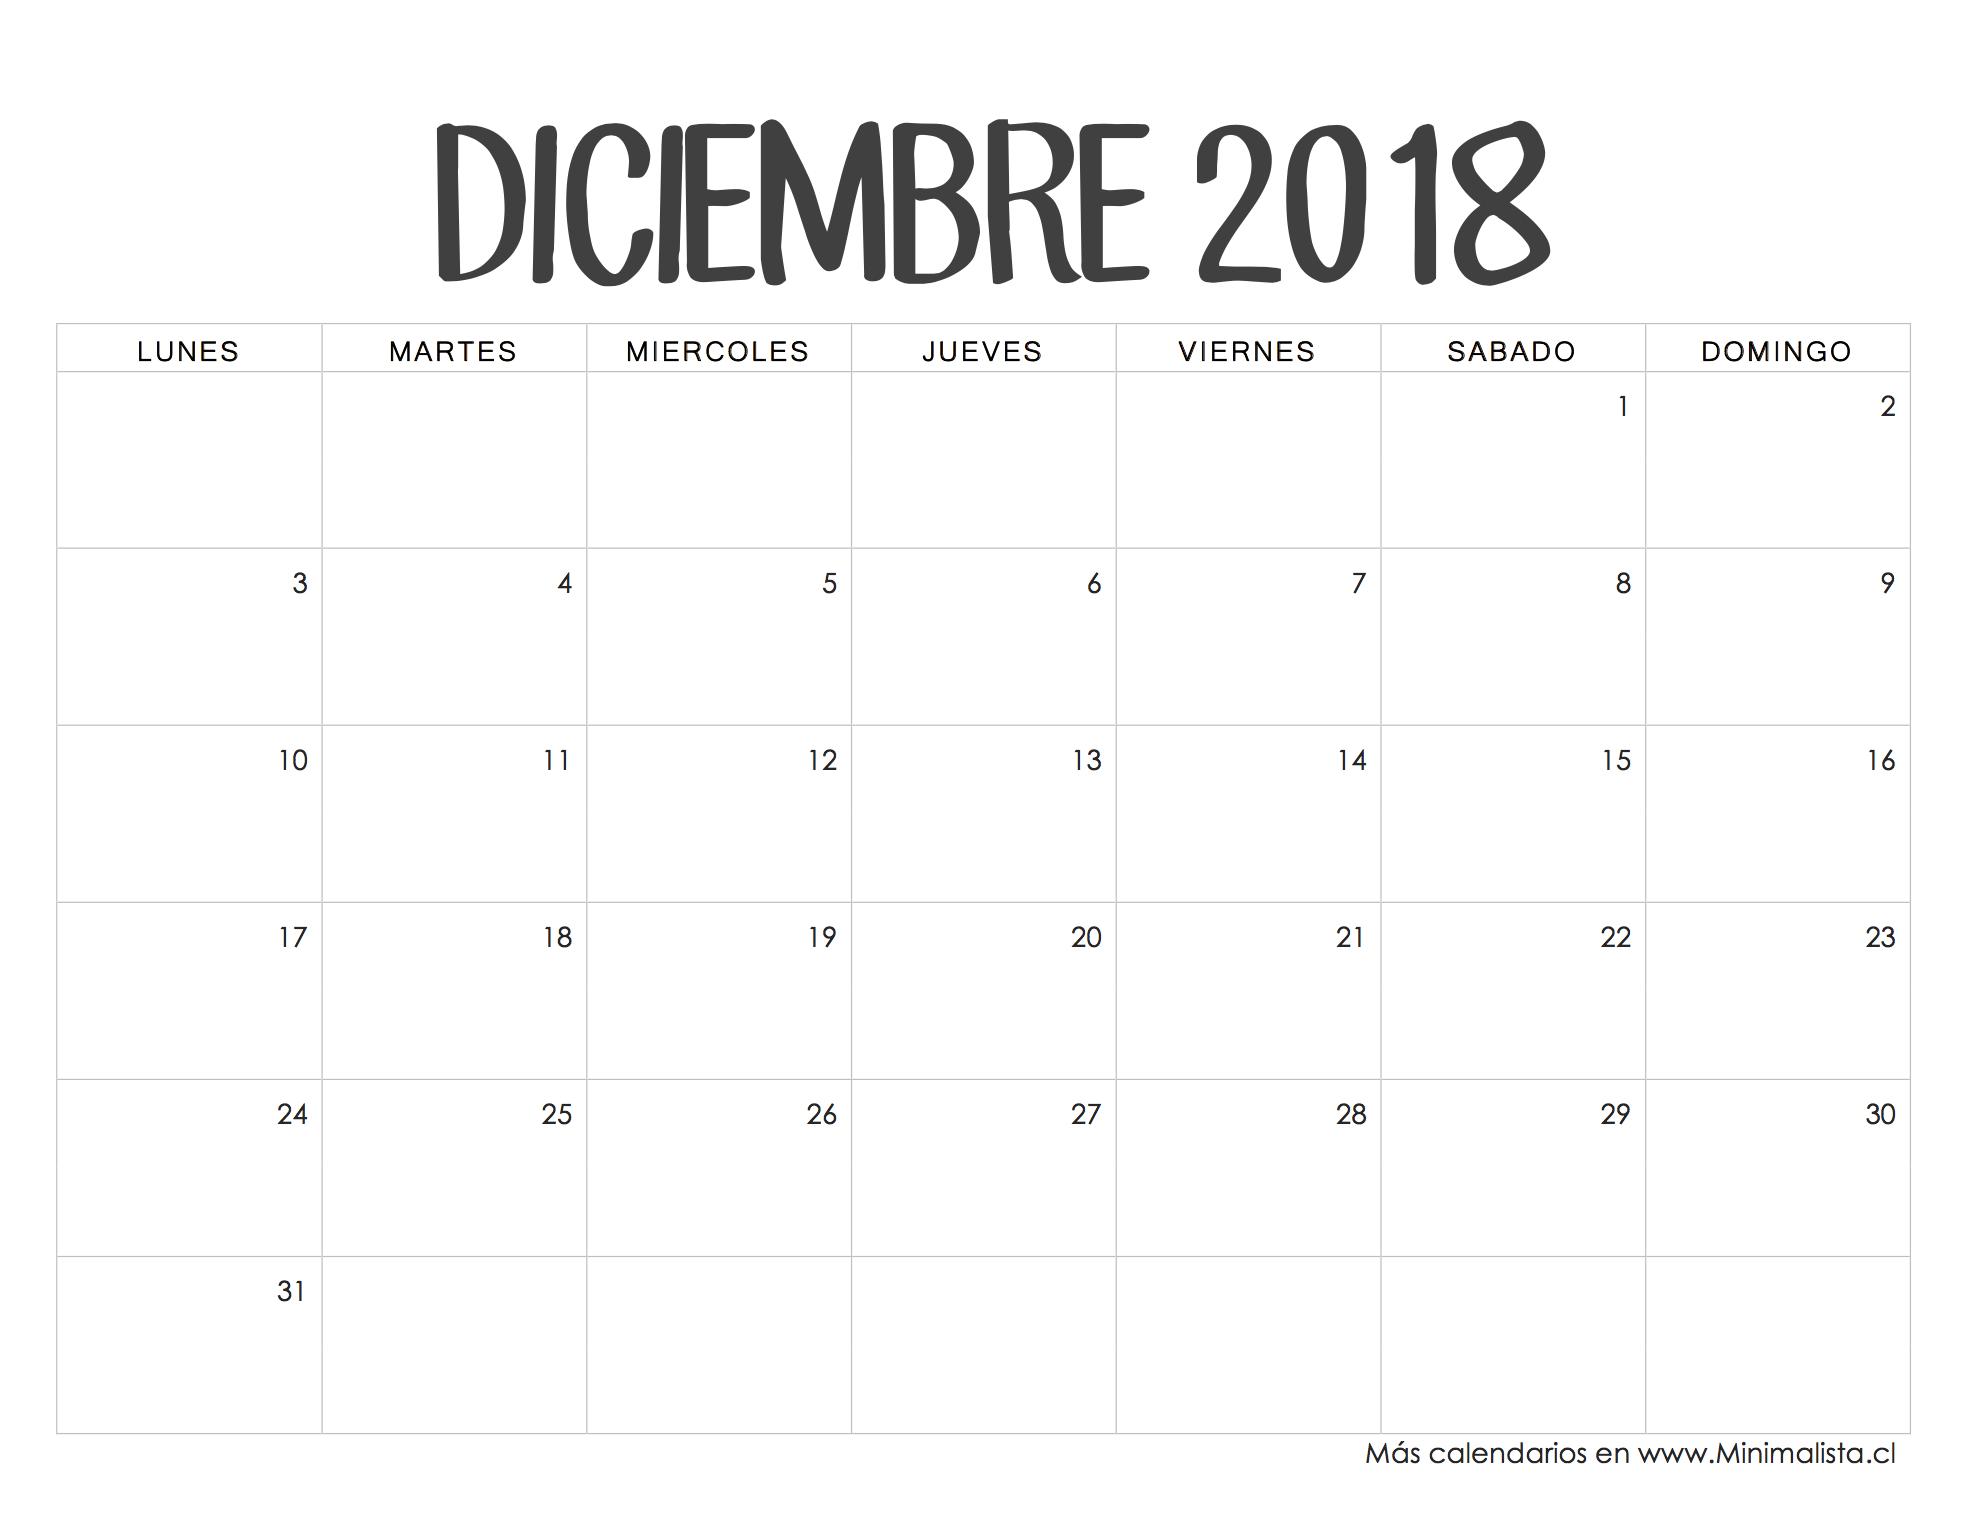 Calendario Diciembre 2018 Argentina.Calendario Diciembre 2018 Ideas Calendario 2018 Para